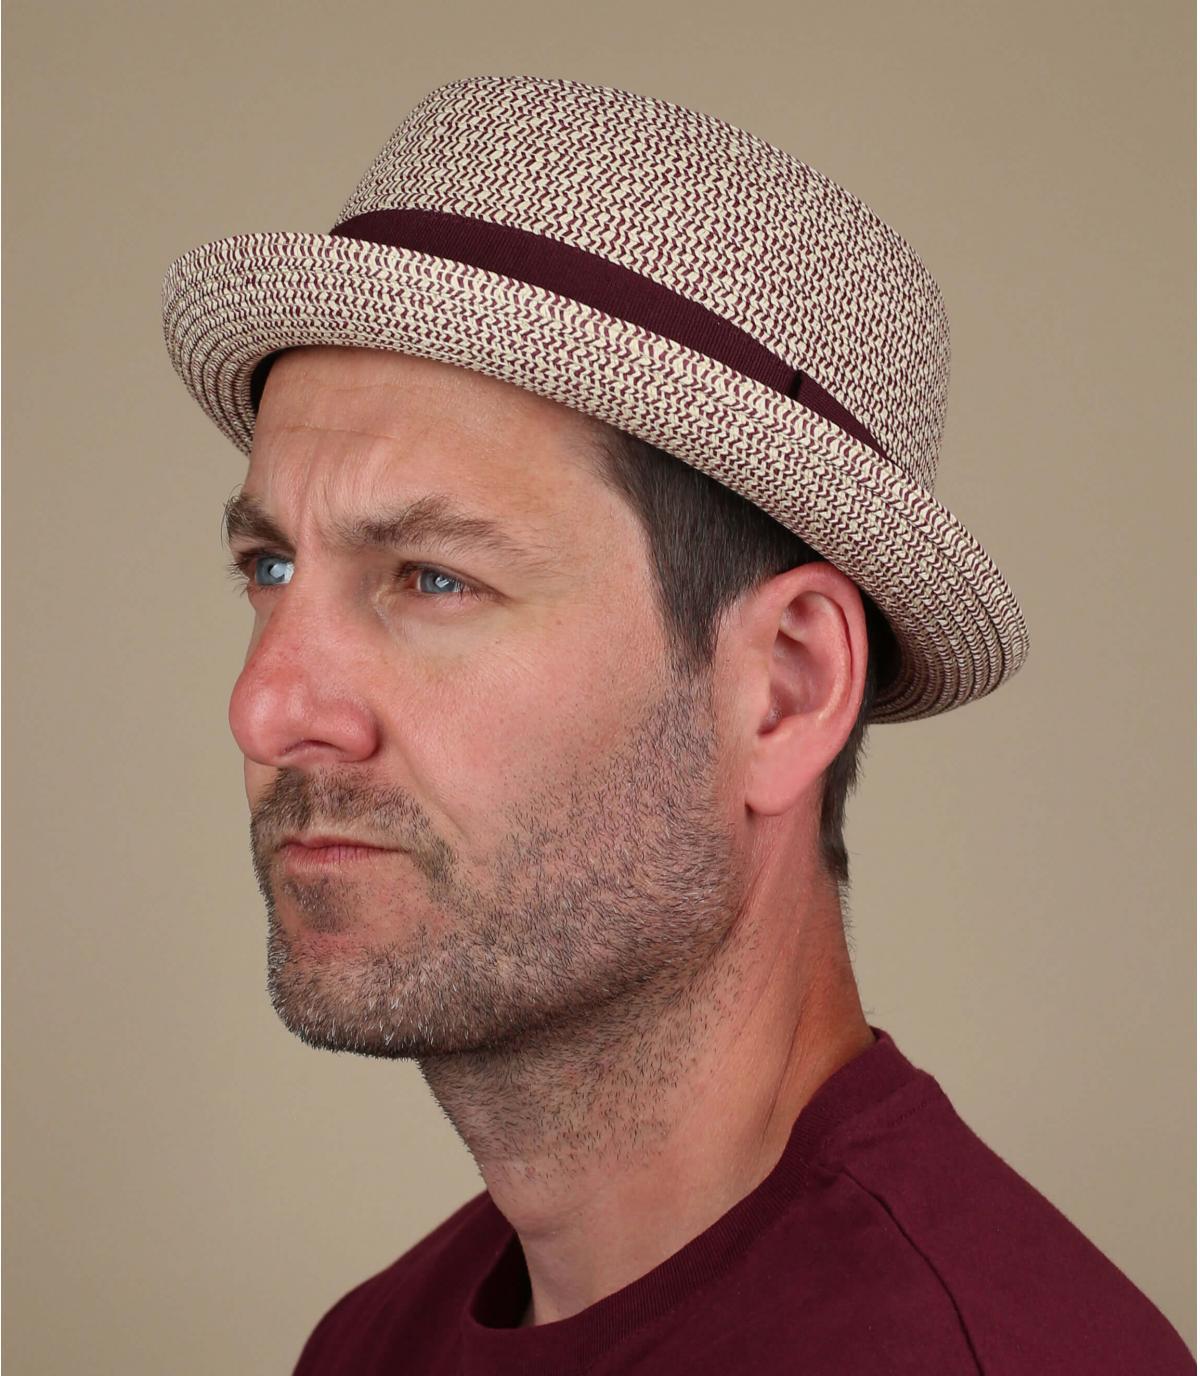 cappello a treccia bordeaux